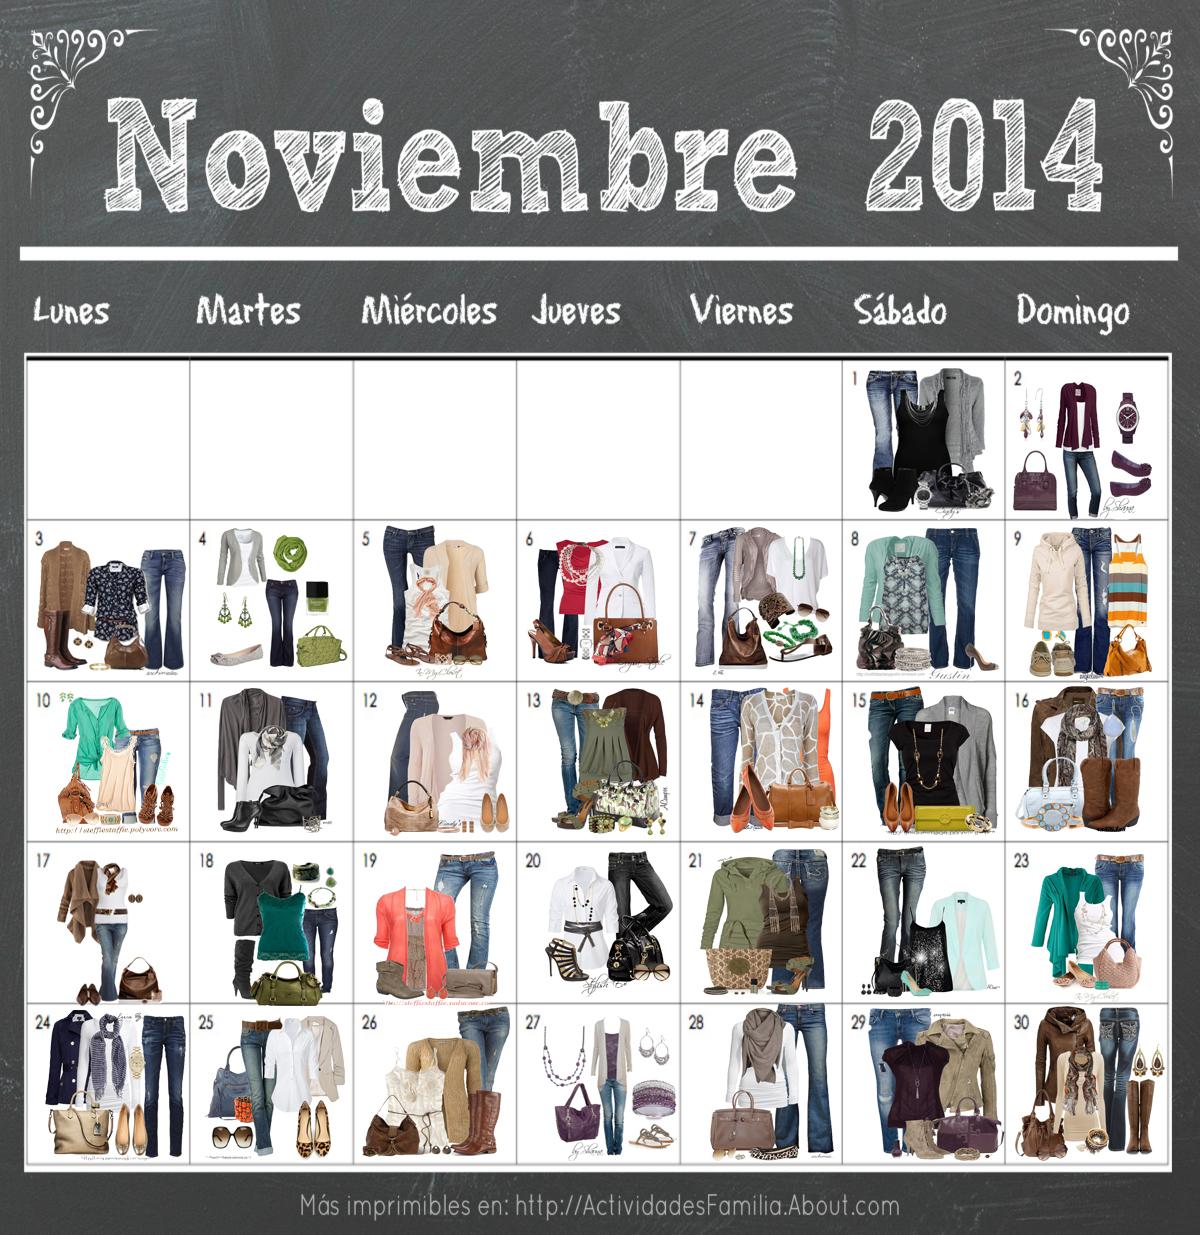 Calendario 2014 Imprimir Imprimir el Calendario